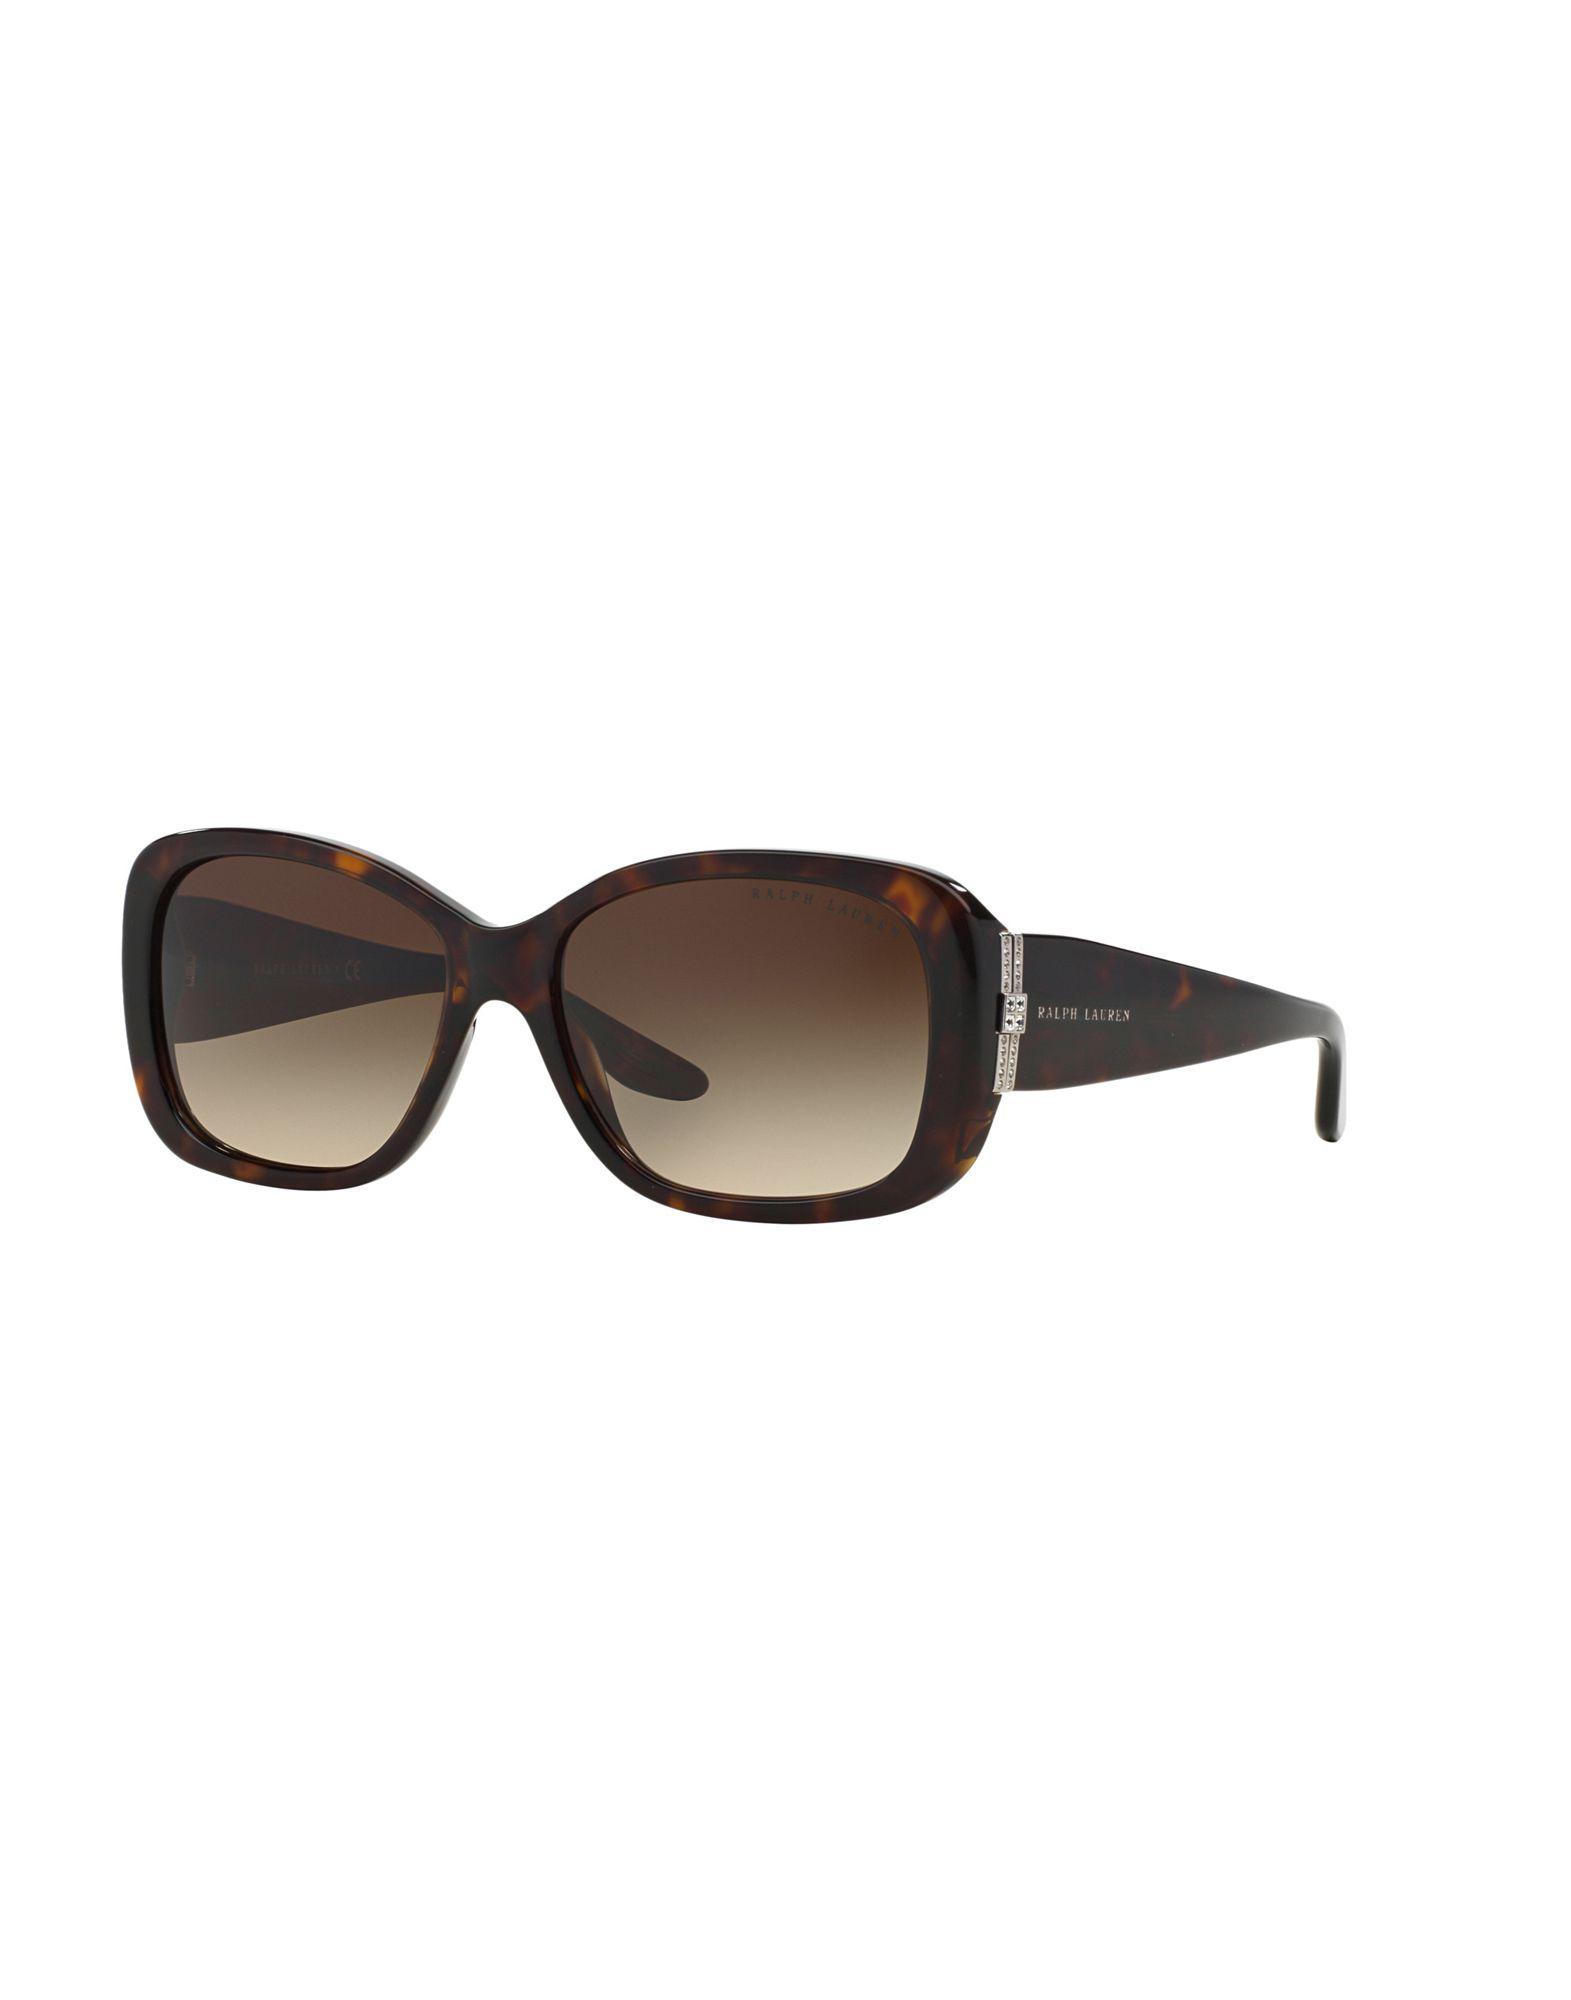 Occhiali Da Sole Ralph Lauren Rl8127b - Donna - Acquista online su